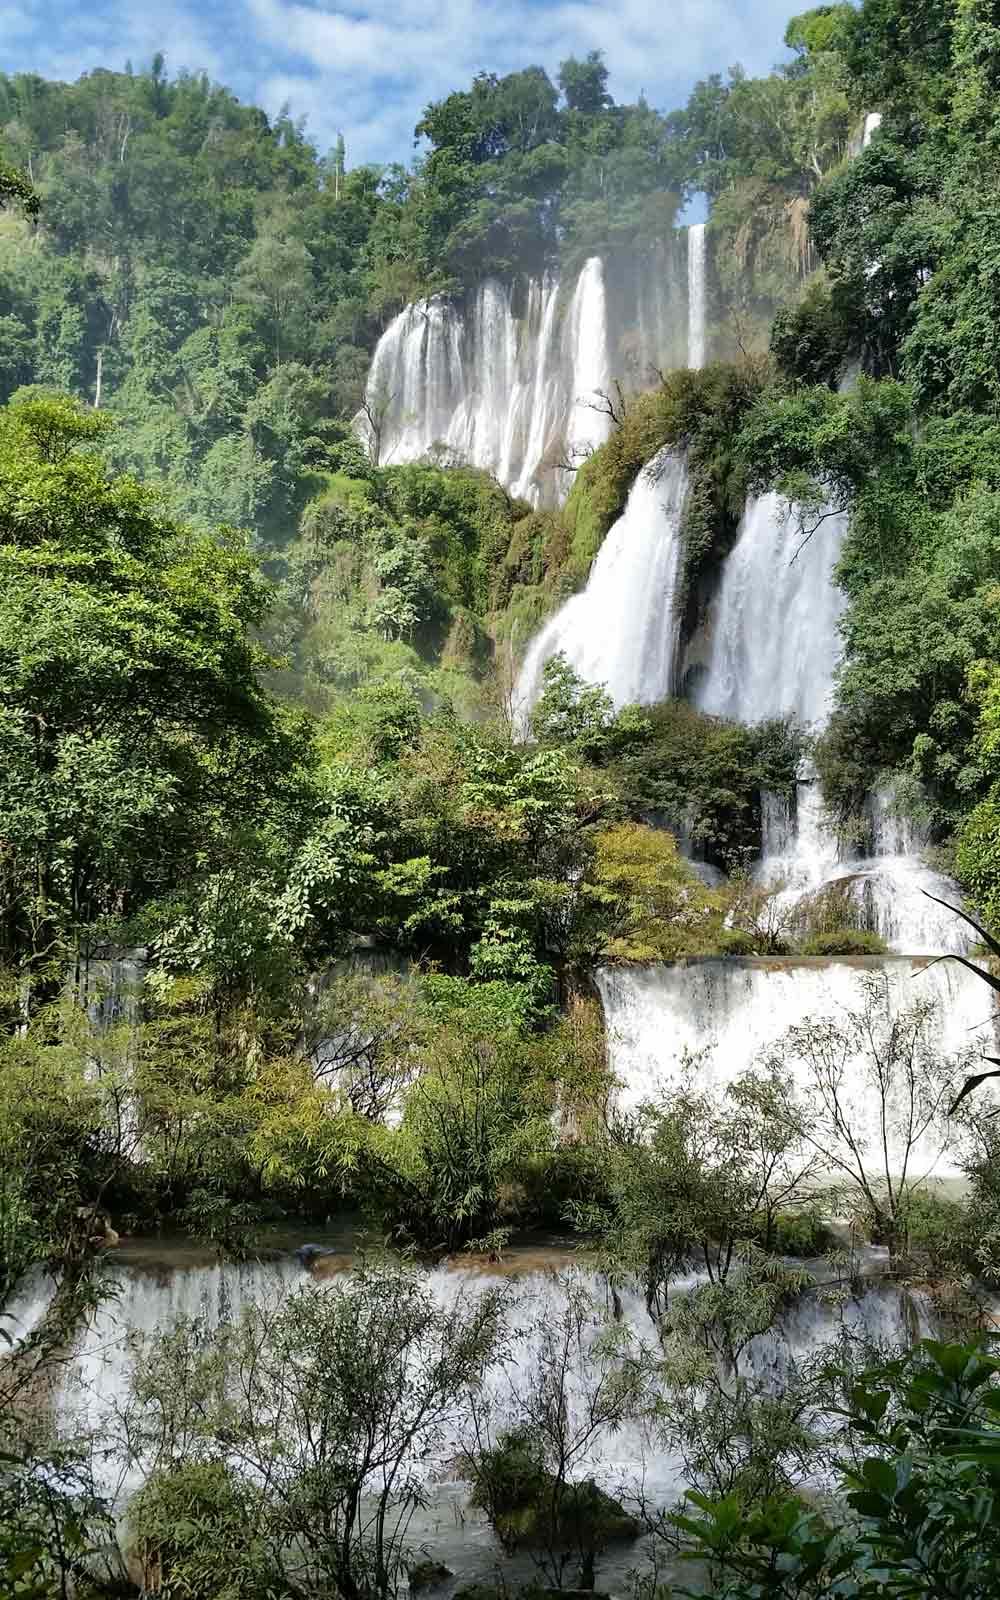 Tee Lor Su Wasserfall in Thailand